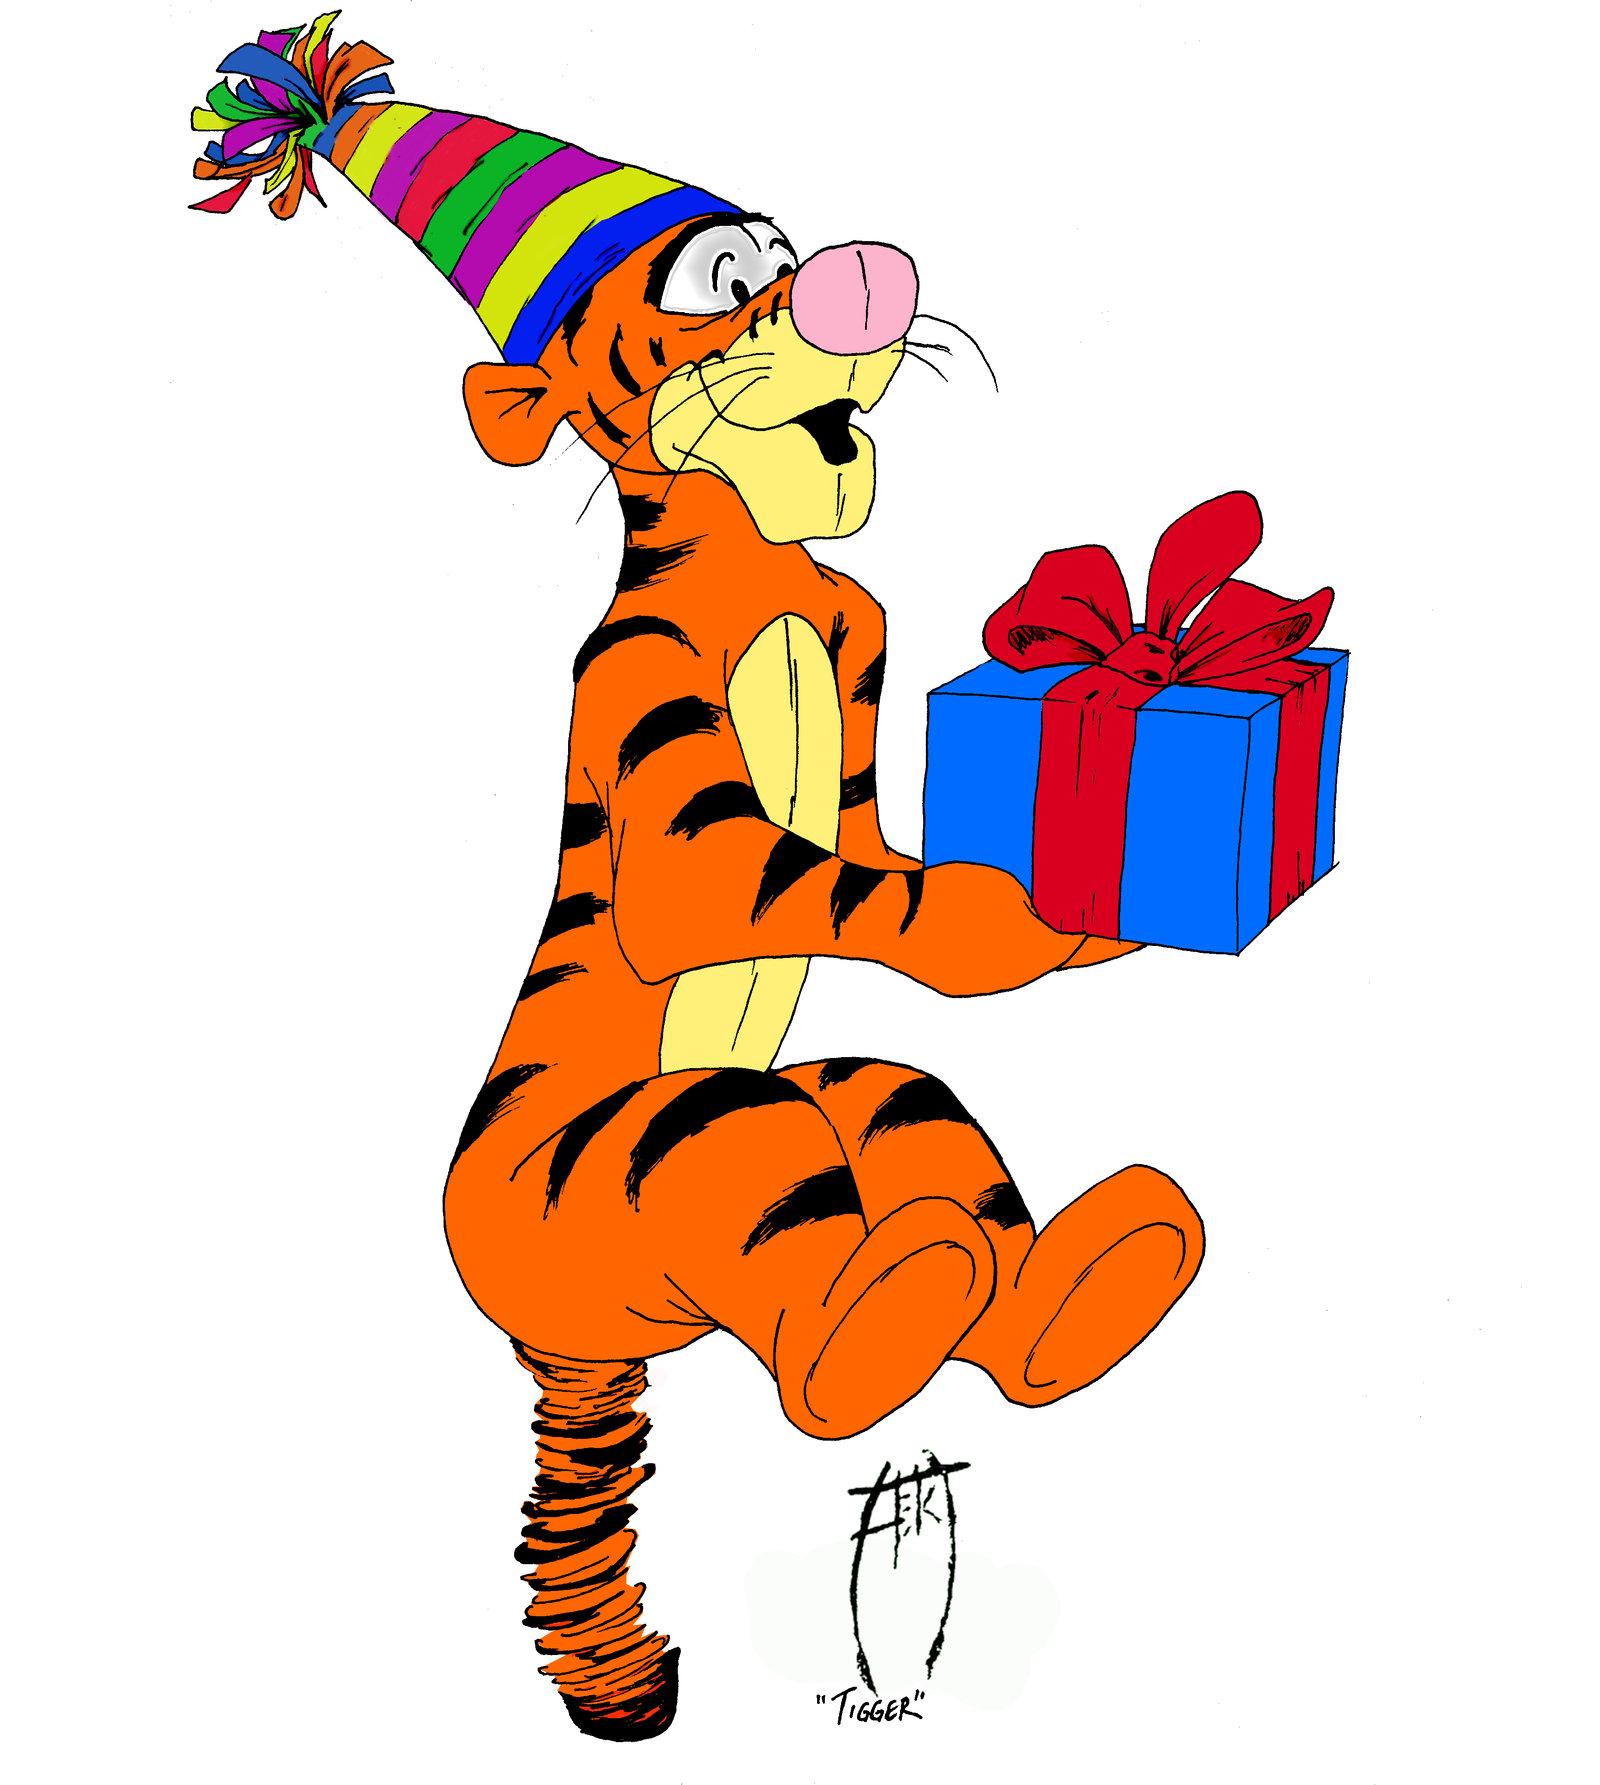 Анимационные открытки с днем рождения из мультфильмов